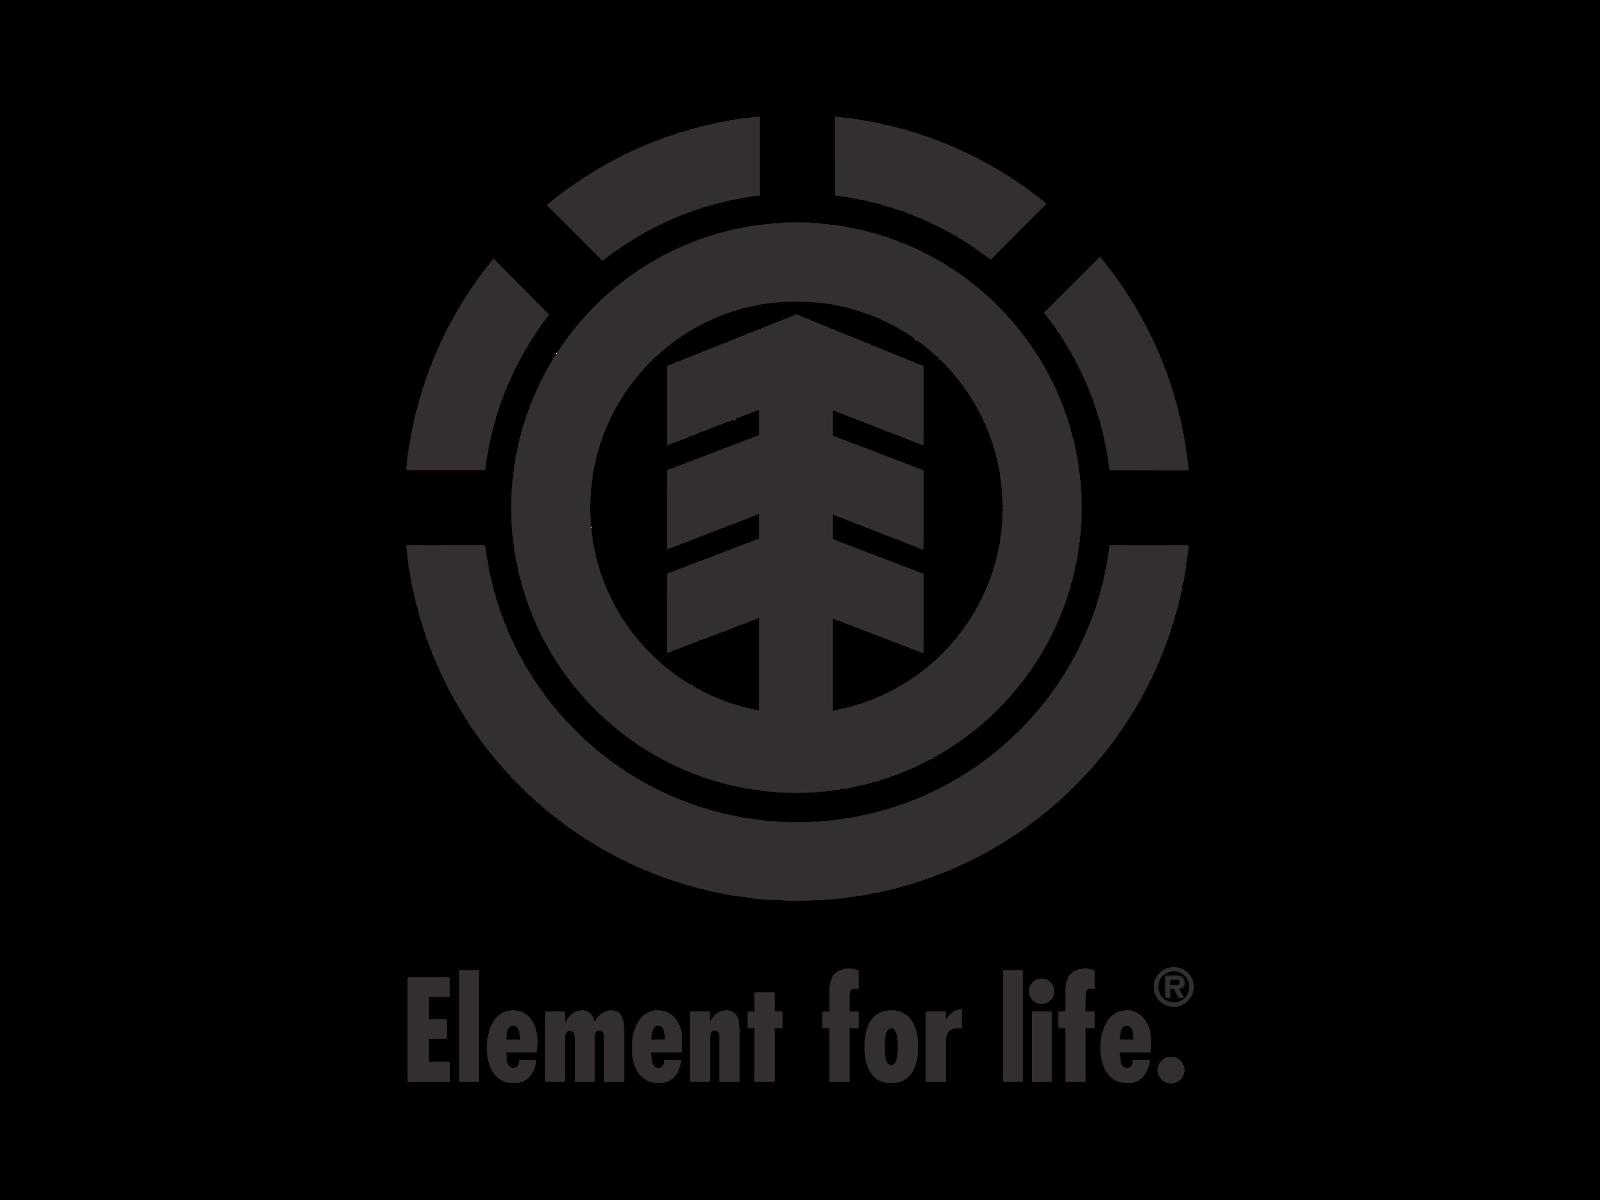 kisspng-element-skateboards-logo-skateboarding-image-logo-element-for-life-vector-cdr-amp-png-hd-gudr-5c5c87e1e7e3d2.7721136915495679699498.png